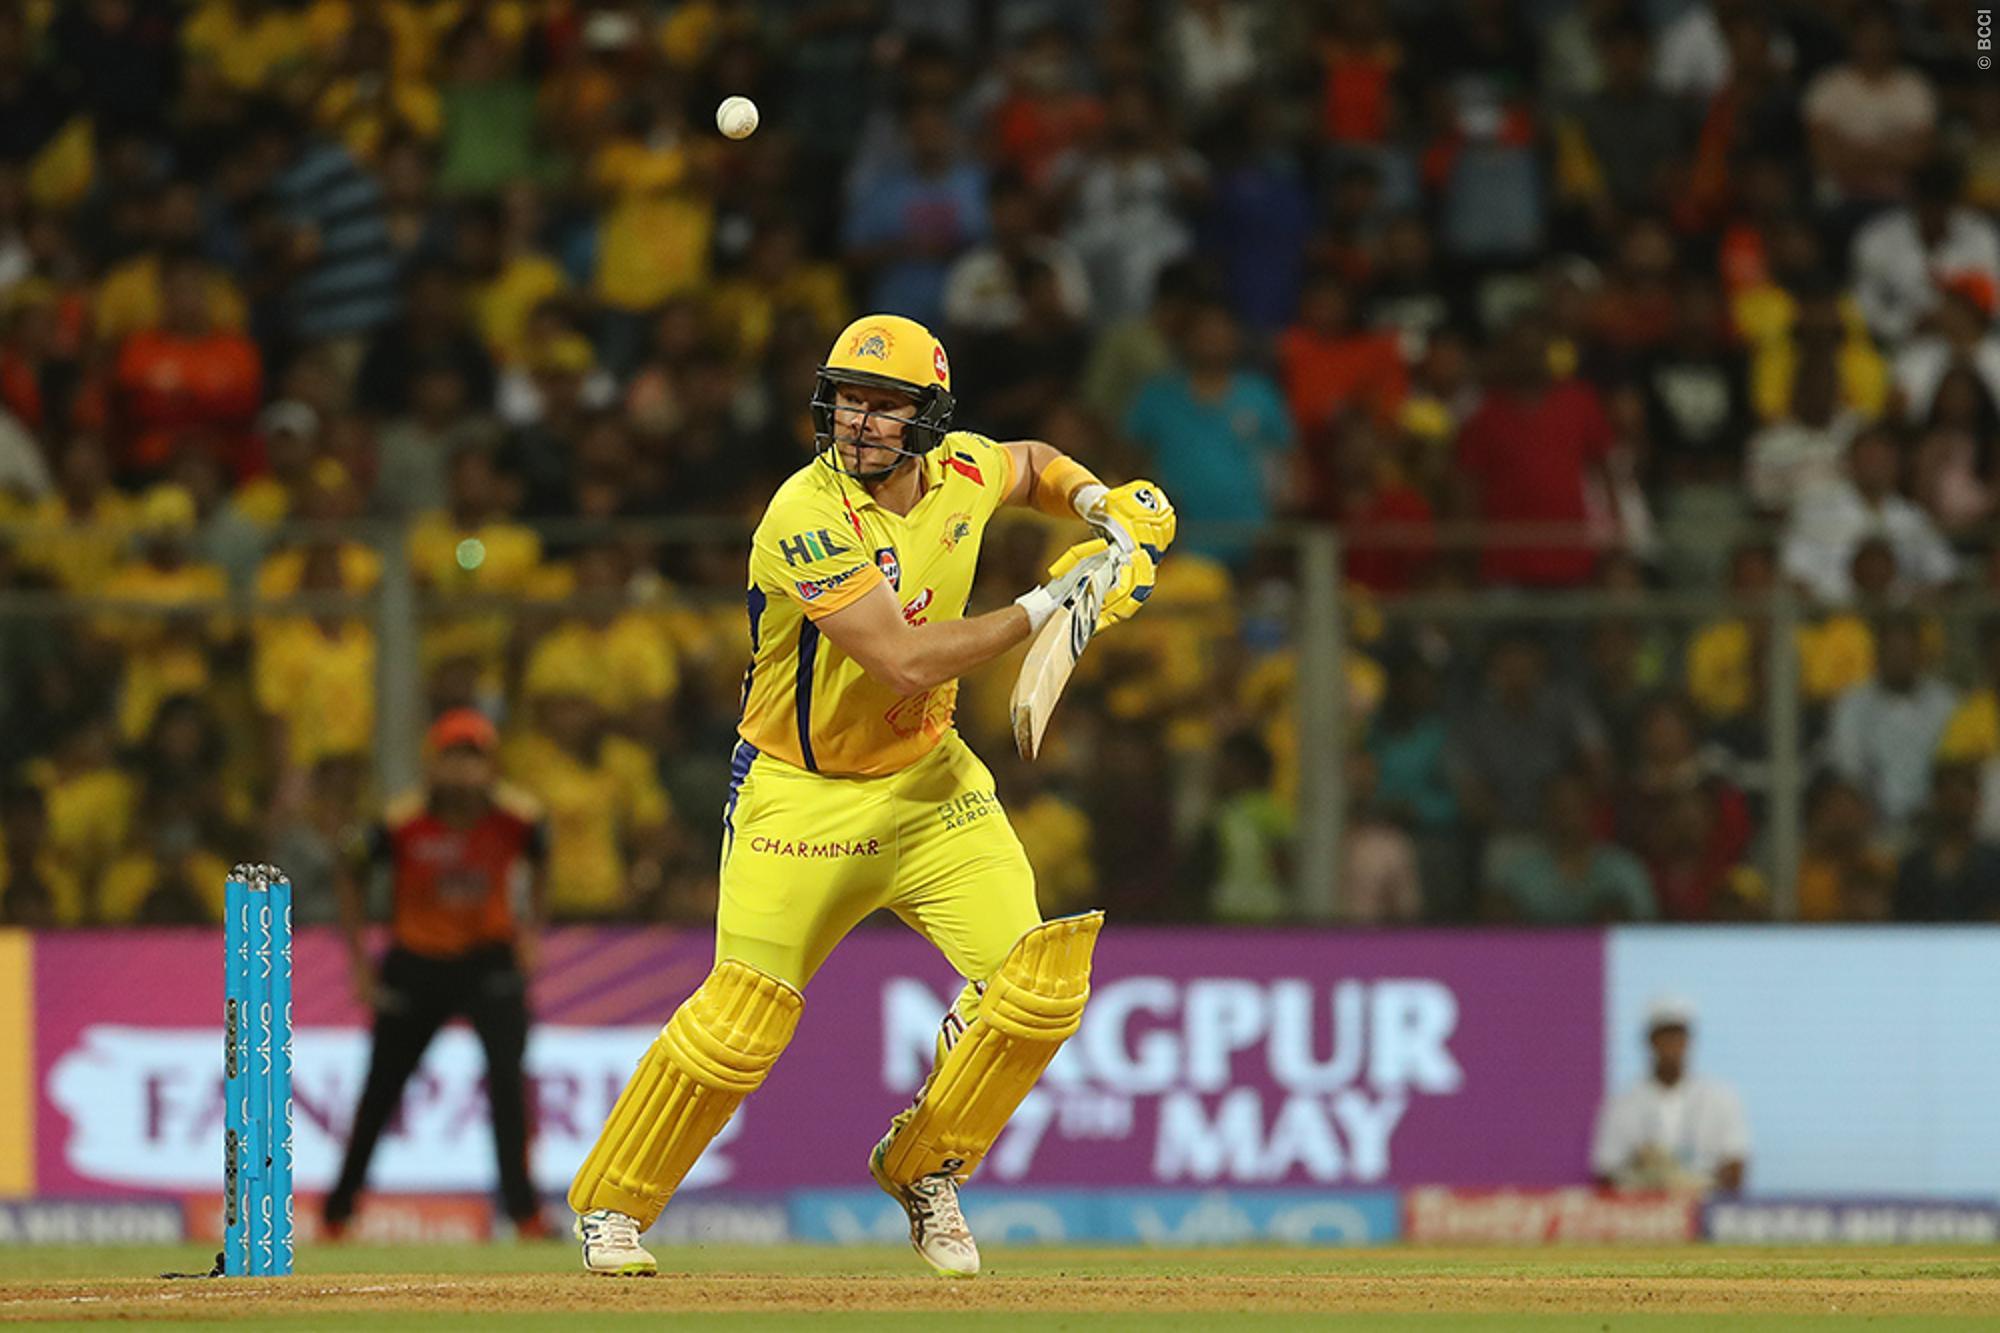 ऑस्ट्रेलिया के इस क्रिकेटर ने की शेन वॉटसन की अंतर्राष्ट्रीय क्रिकेट में वापसी की मांग 1